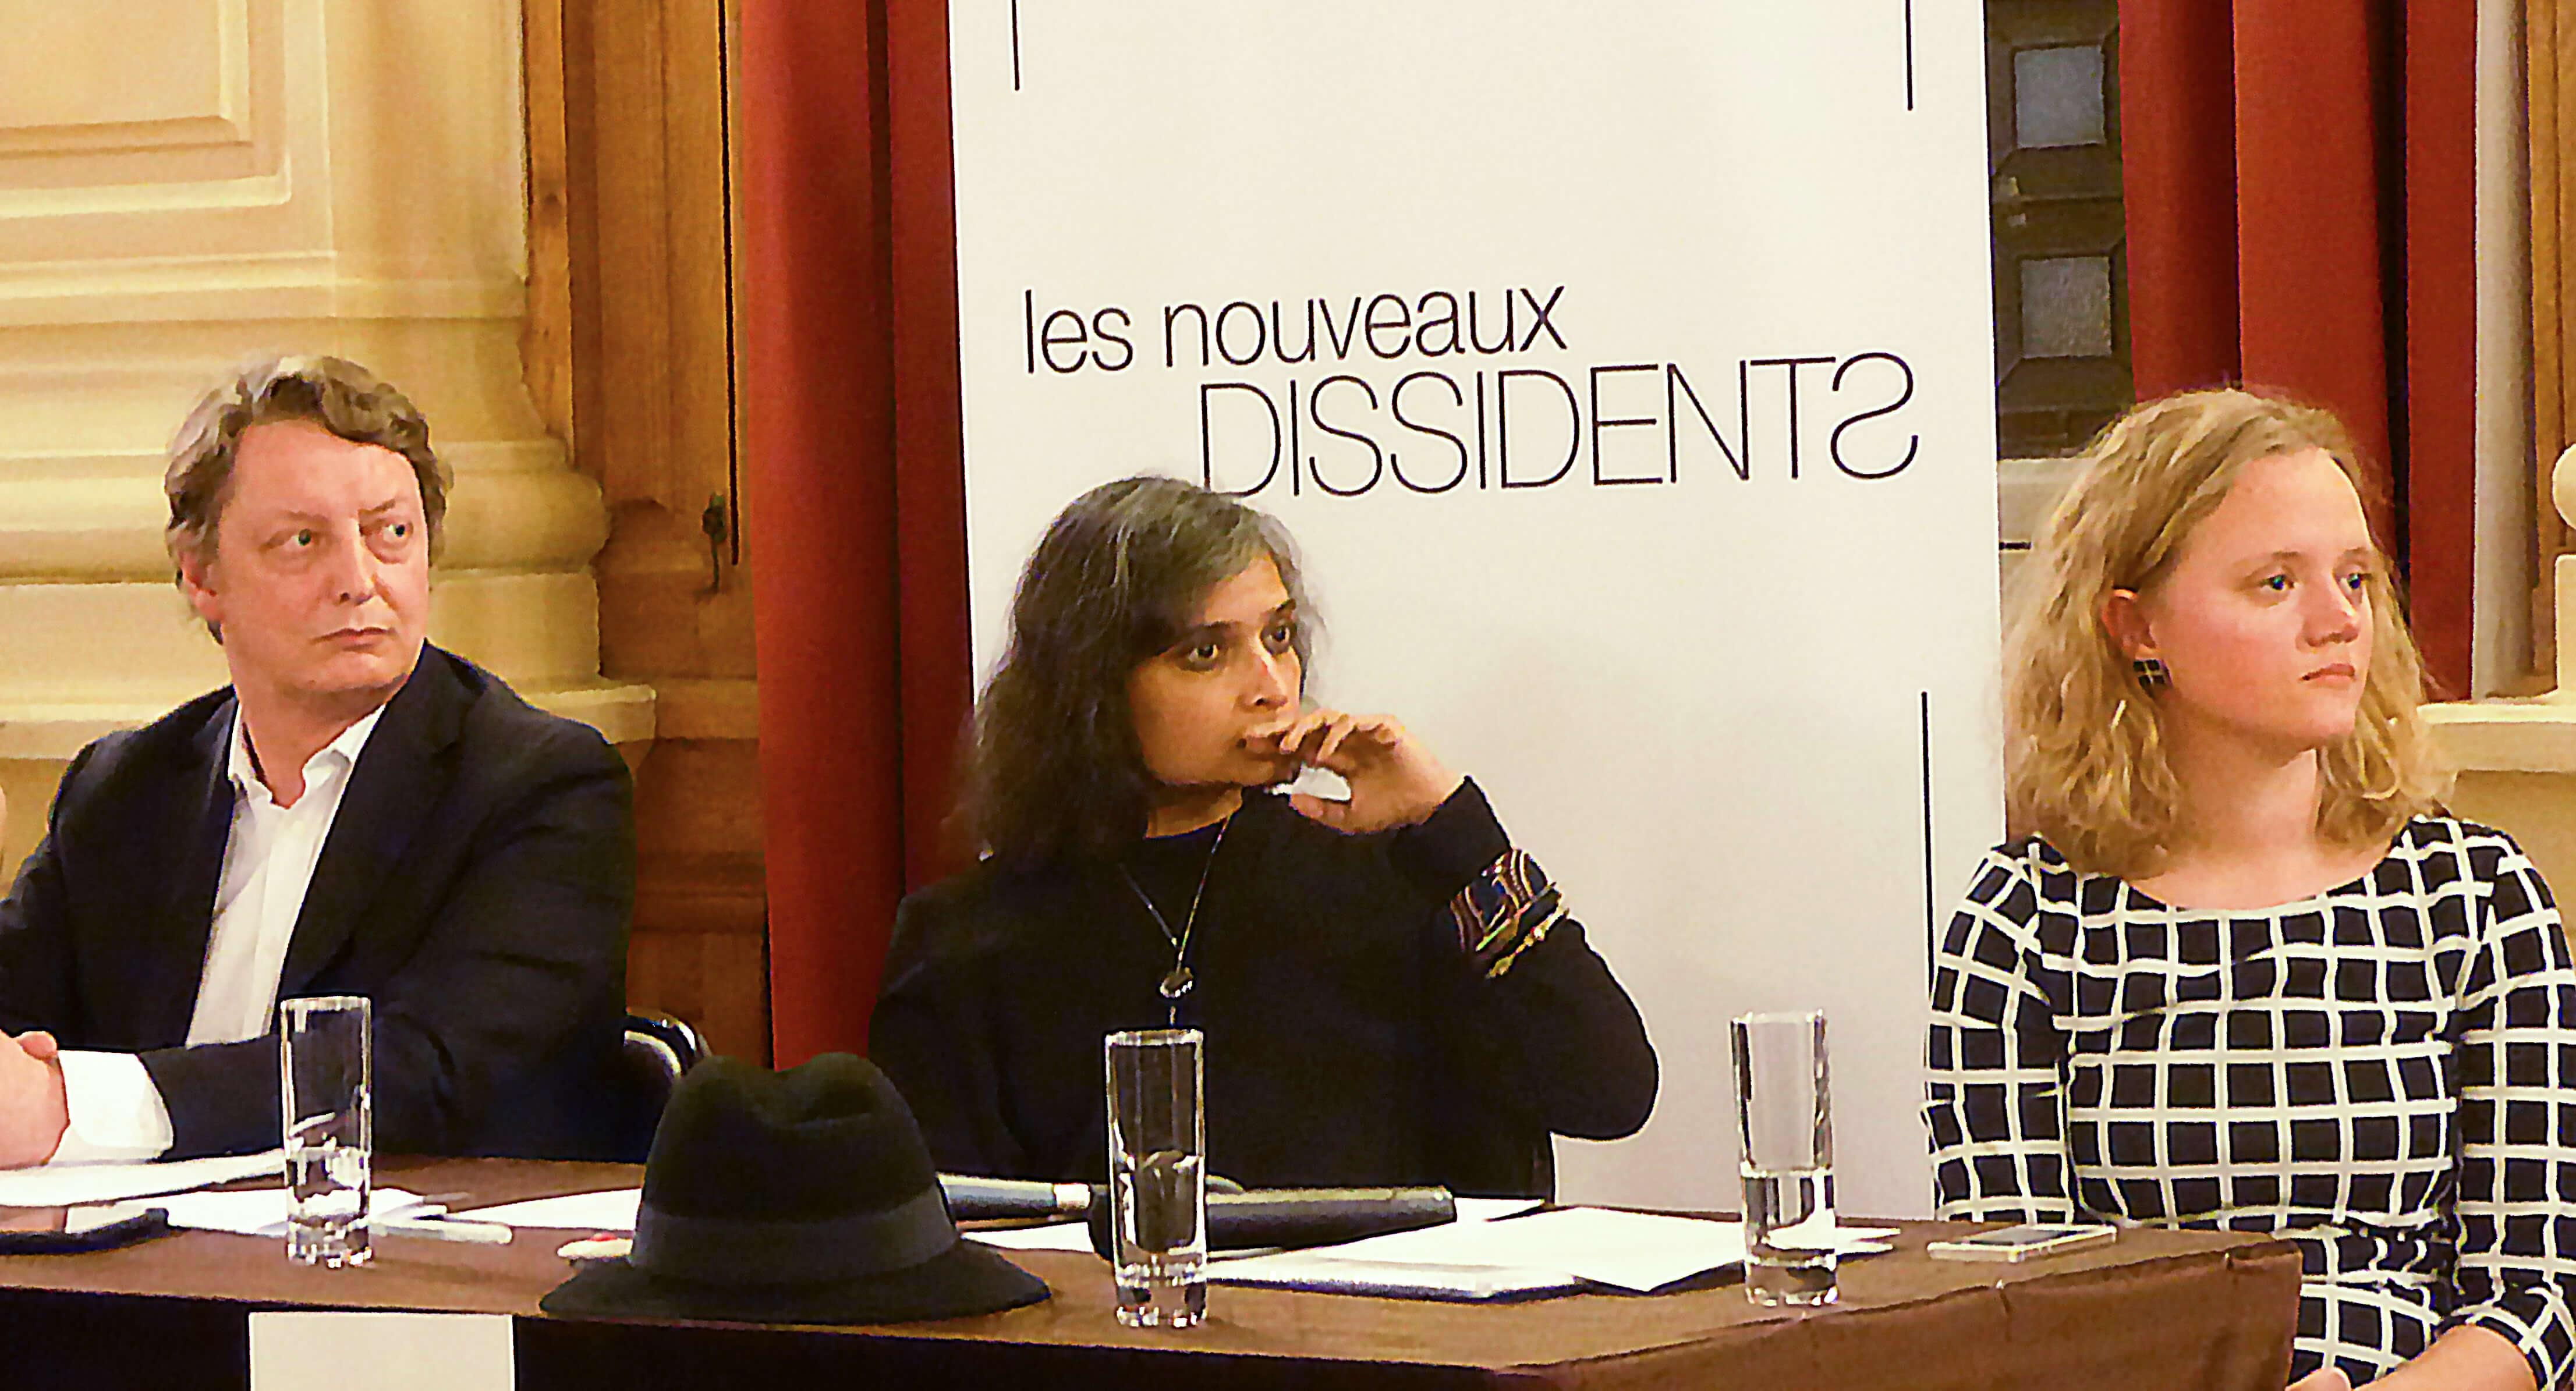 Les Nouveaux Dissidents, l'asso' qui veut venir en aide aux militants menacés dans leurs pays